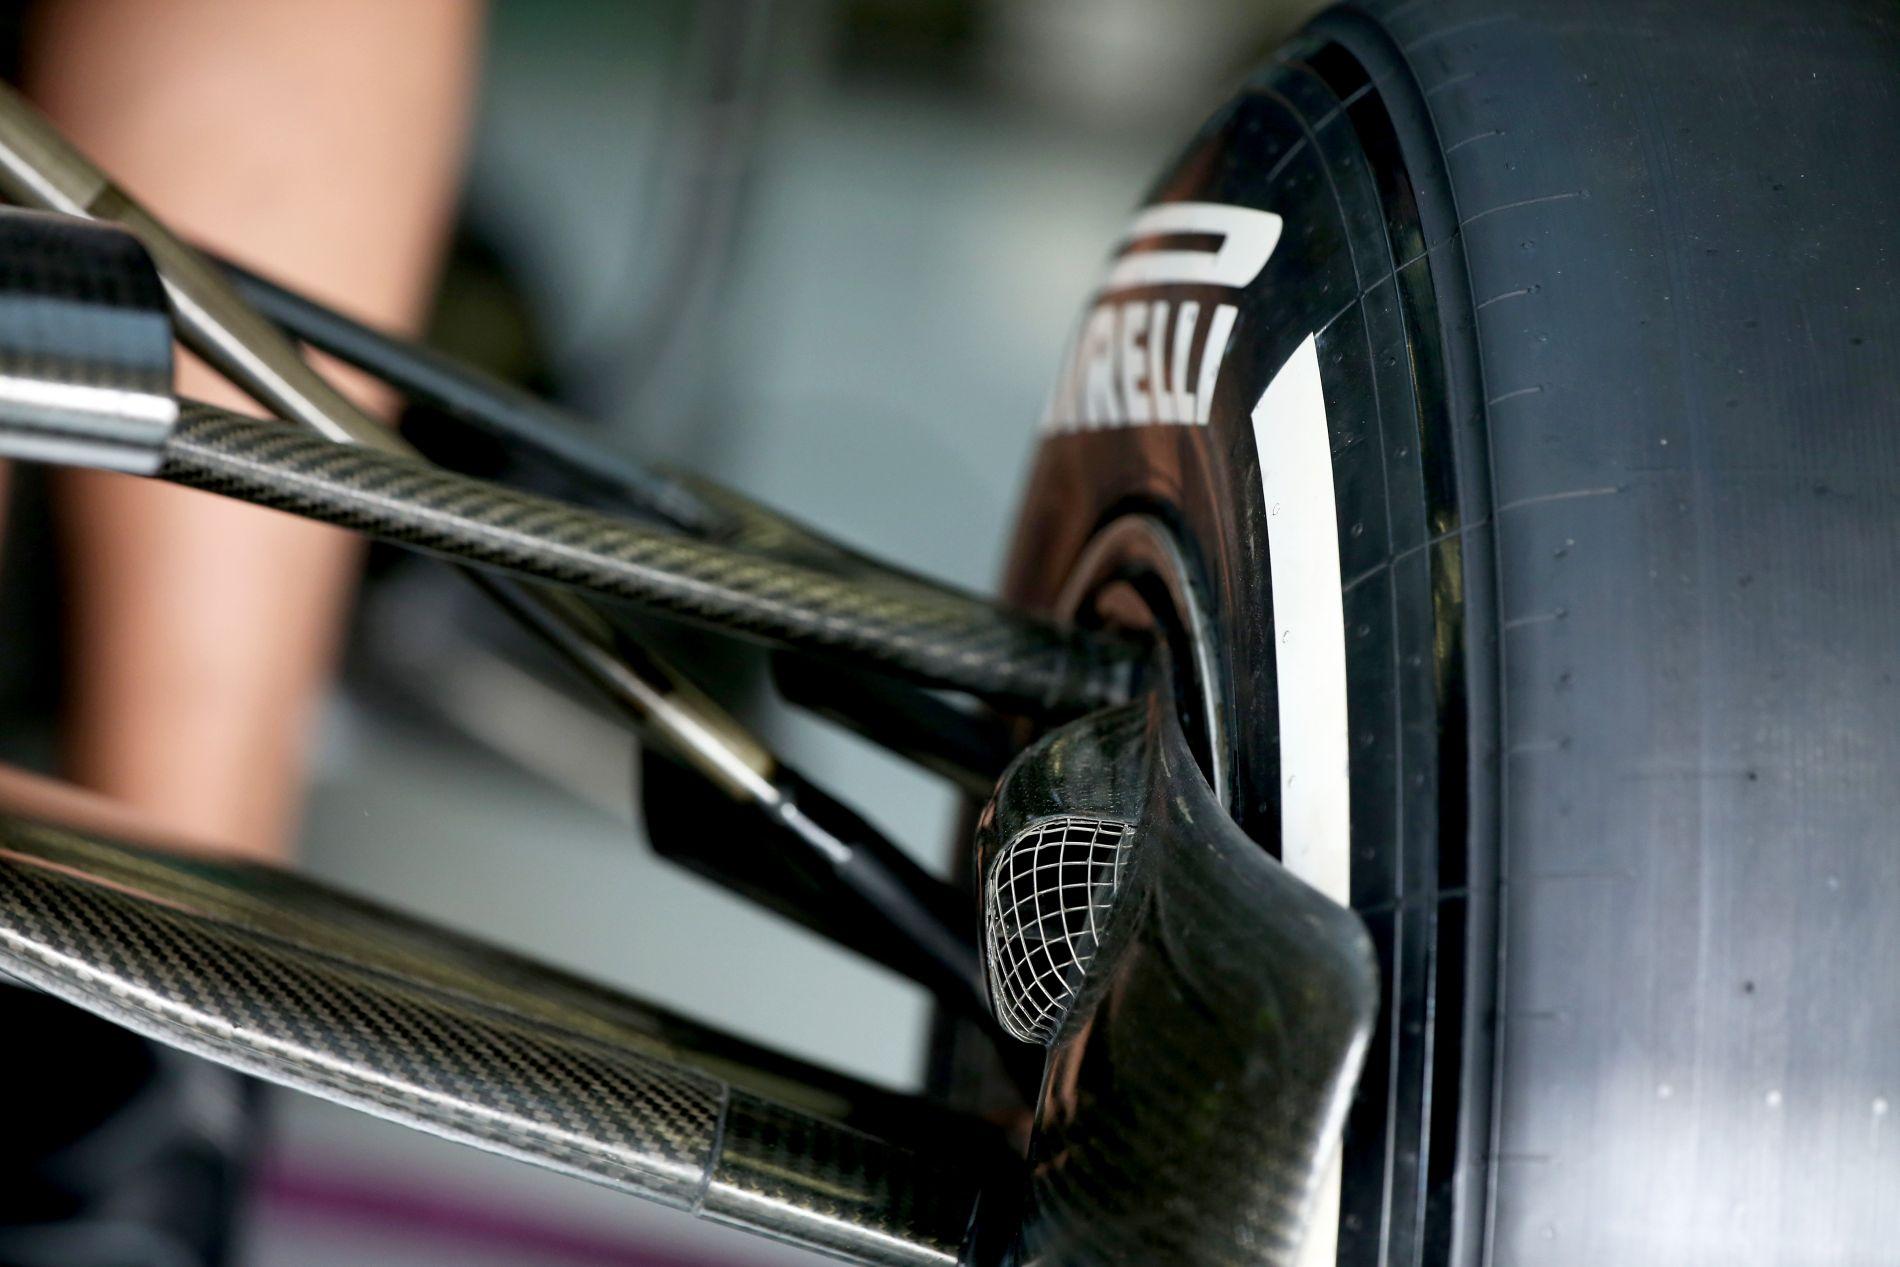 Fegyelmezés az F1-ben, nem kéne szidni a Pirellit – Mi folyik itt?